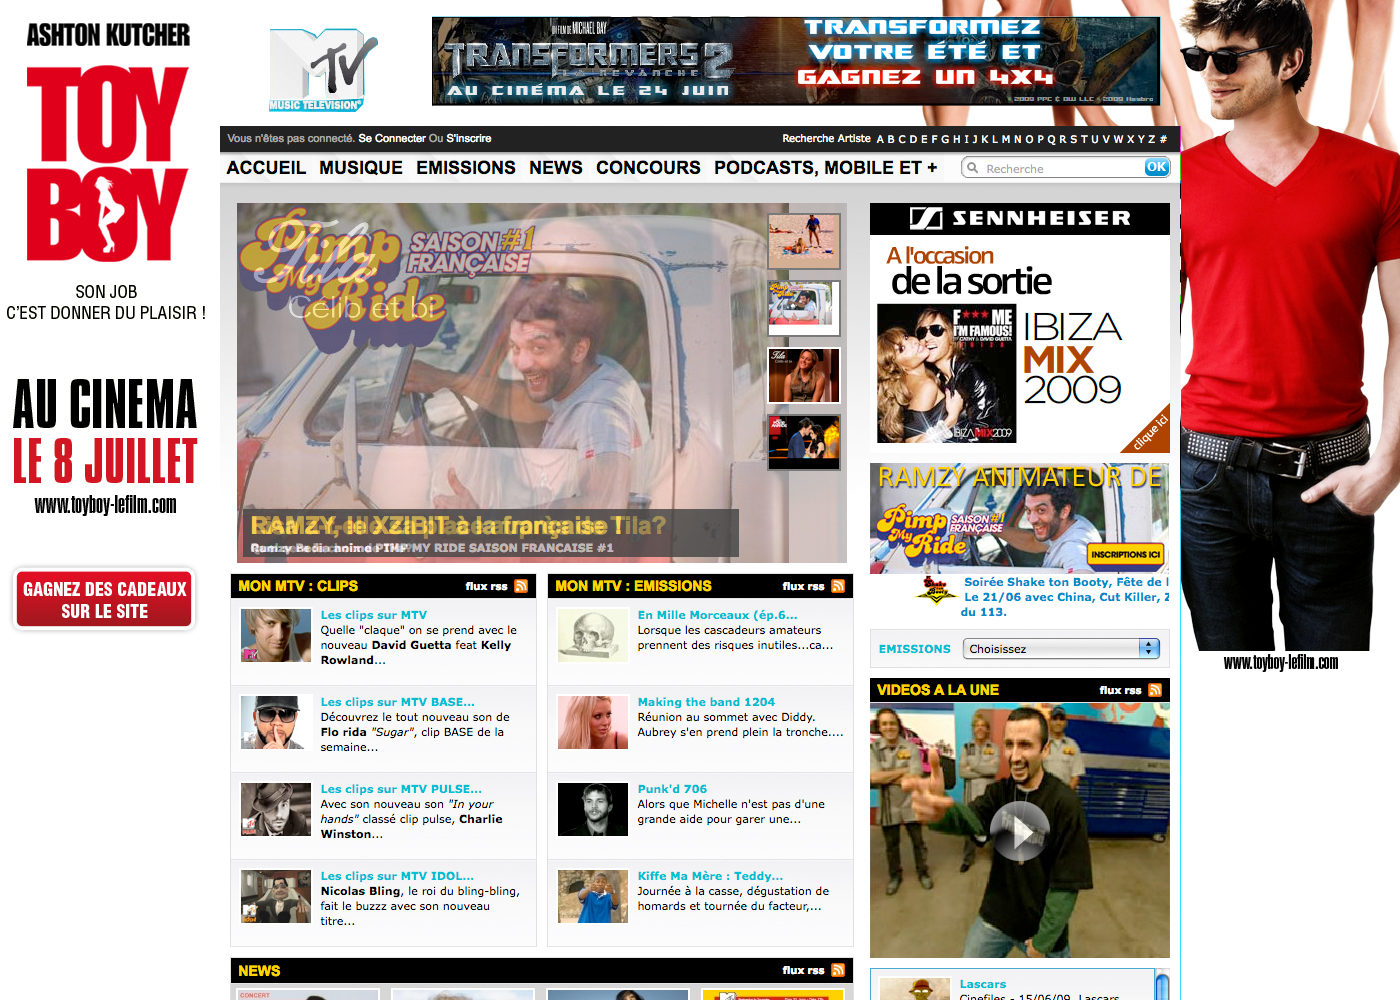 TOYBOY habillage sur le site MTV - integration